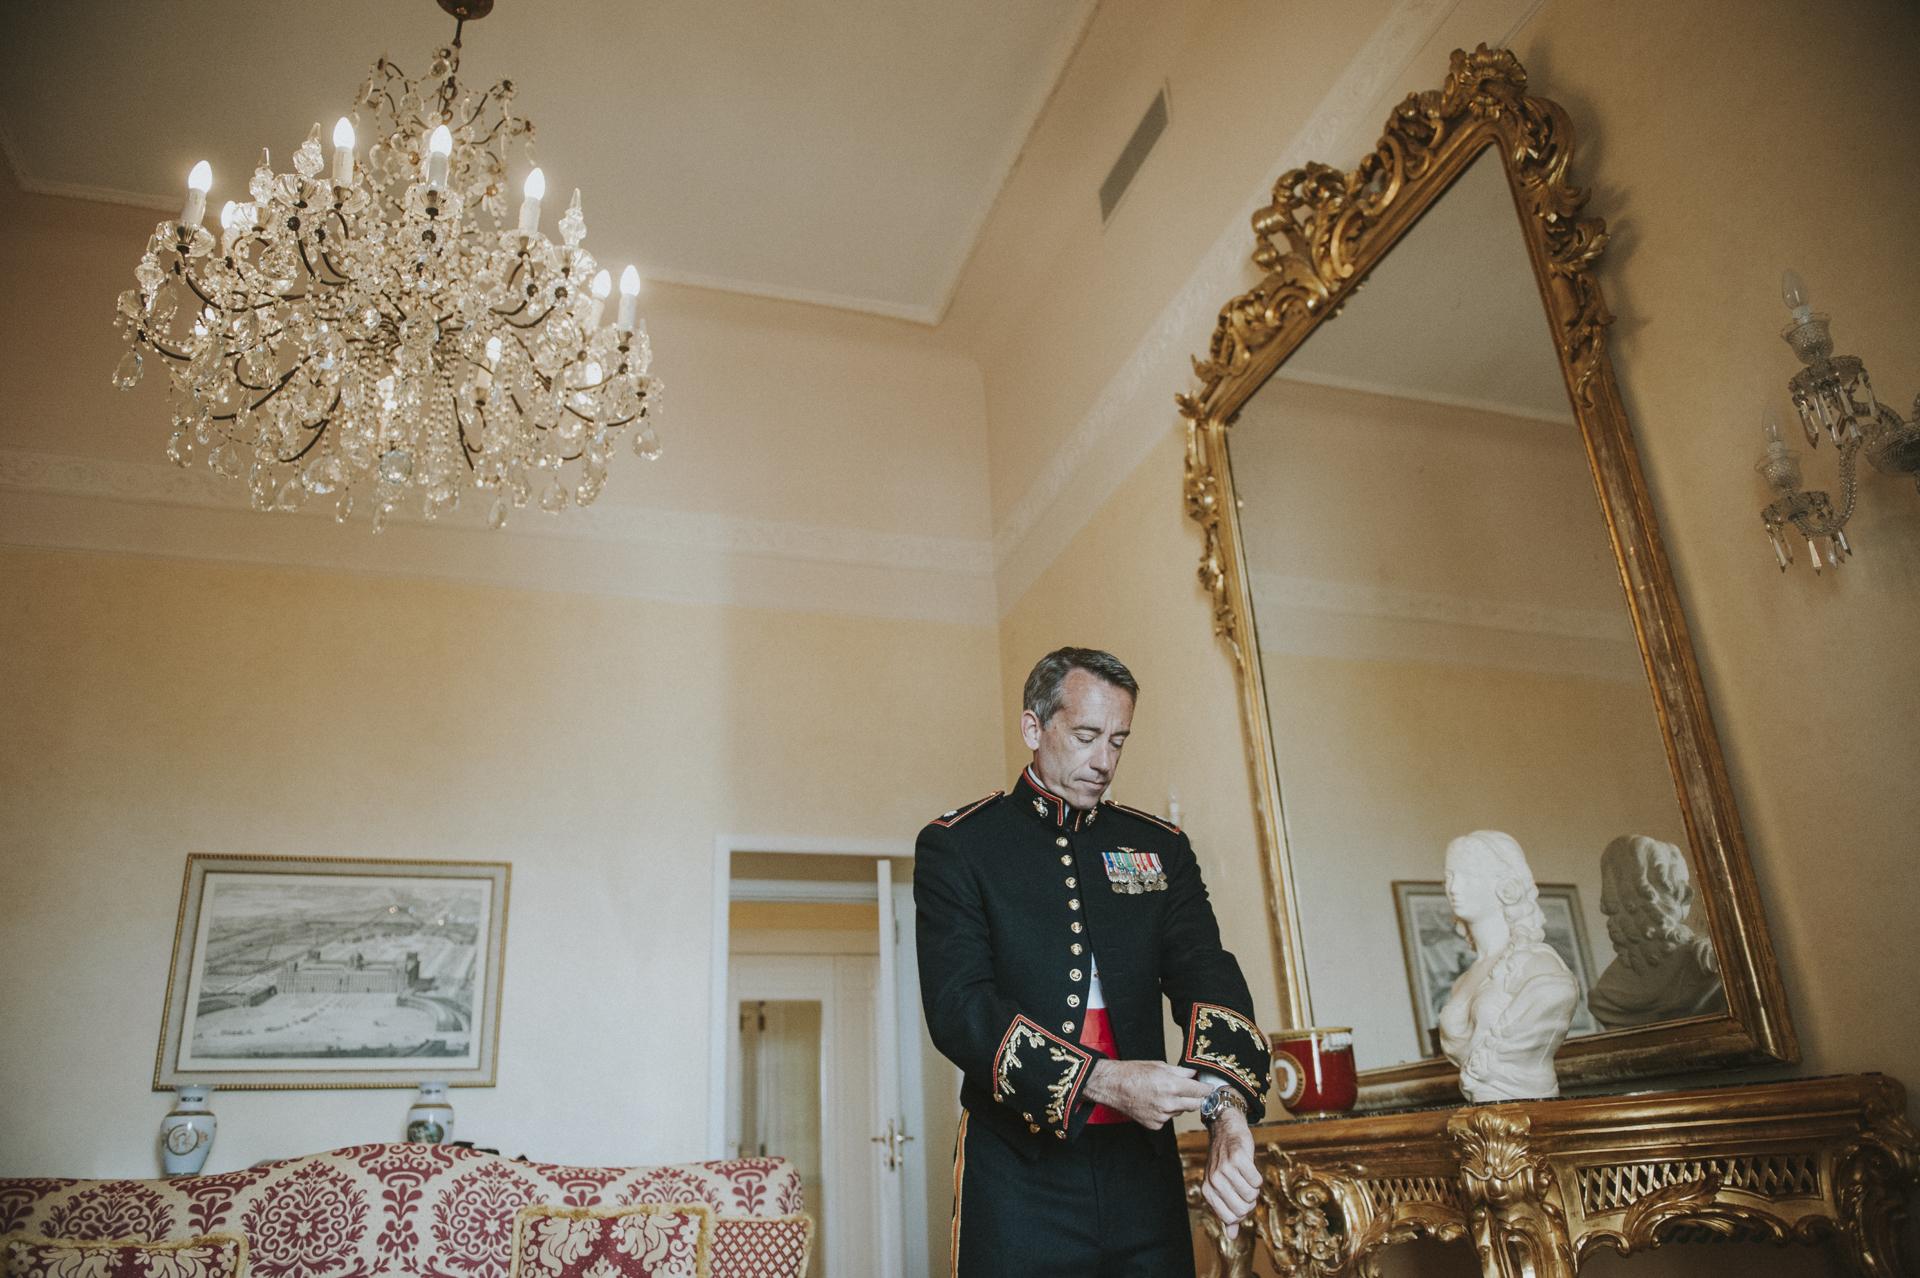 El novio es un comandante con muchas insignias honorarias. Vestía elegante, usaba su uniforme para casarse en Sorrento, Costa Amalfitana, Italia.